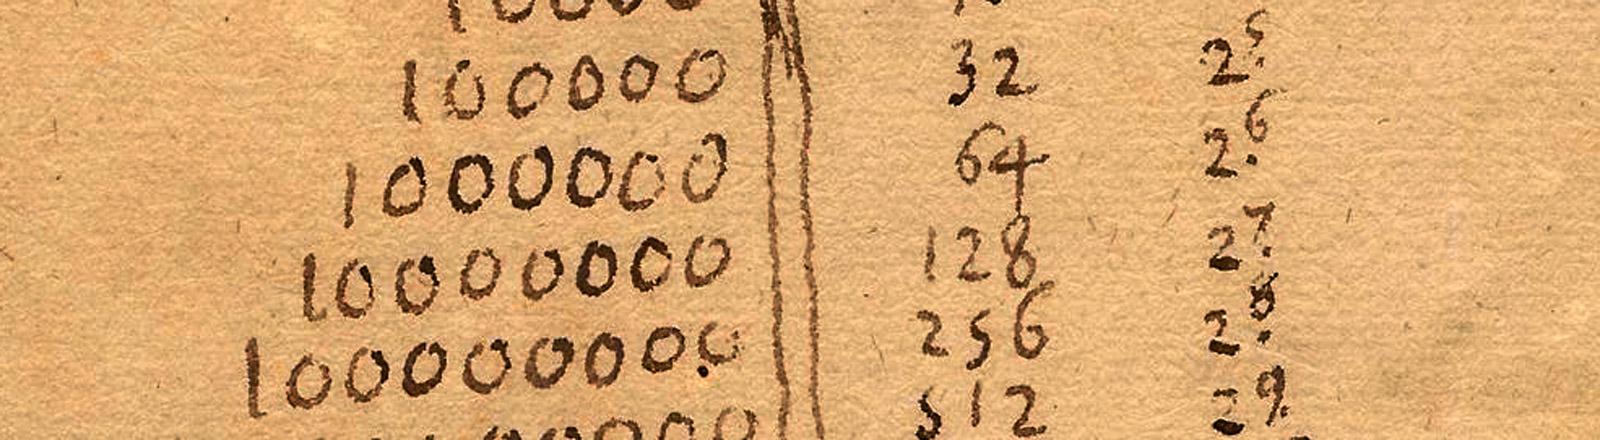 Aufzeichnungen zum Dualen System von Gottfried Wilhelm Leibniz